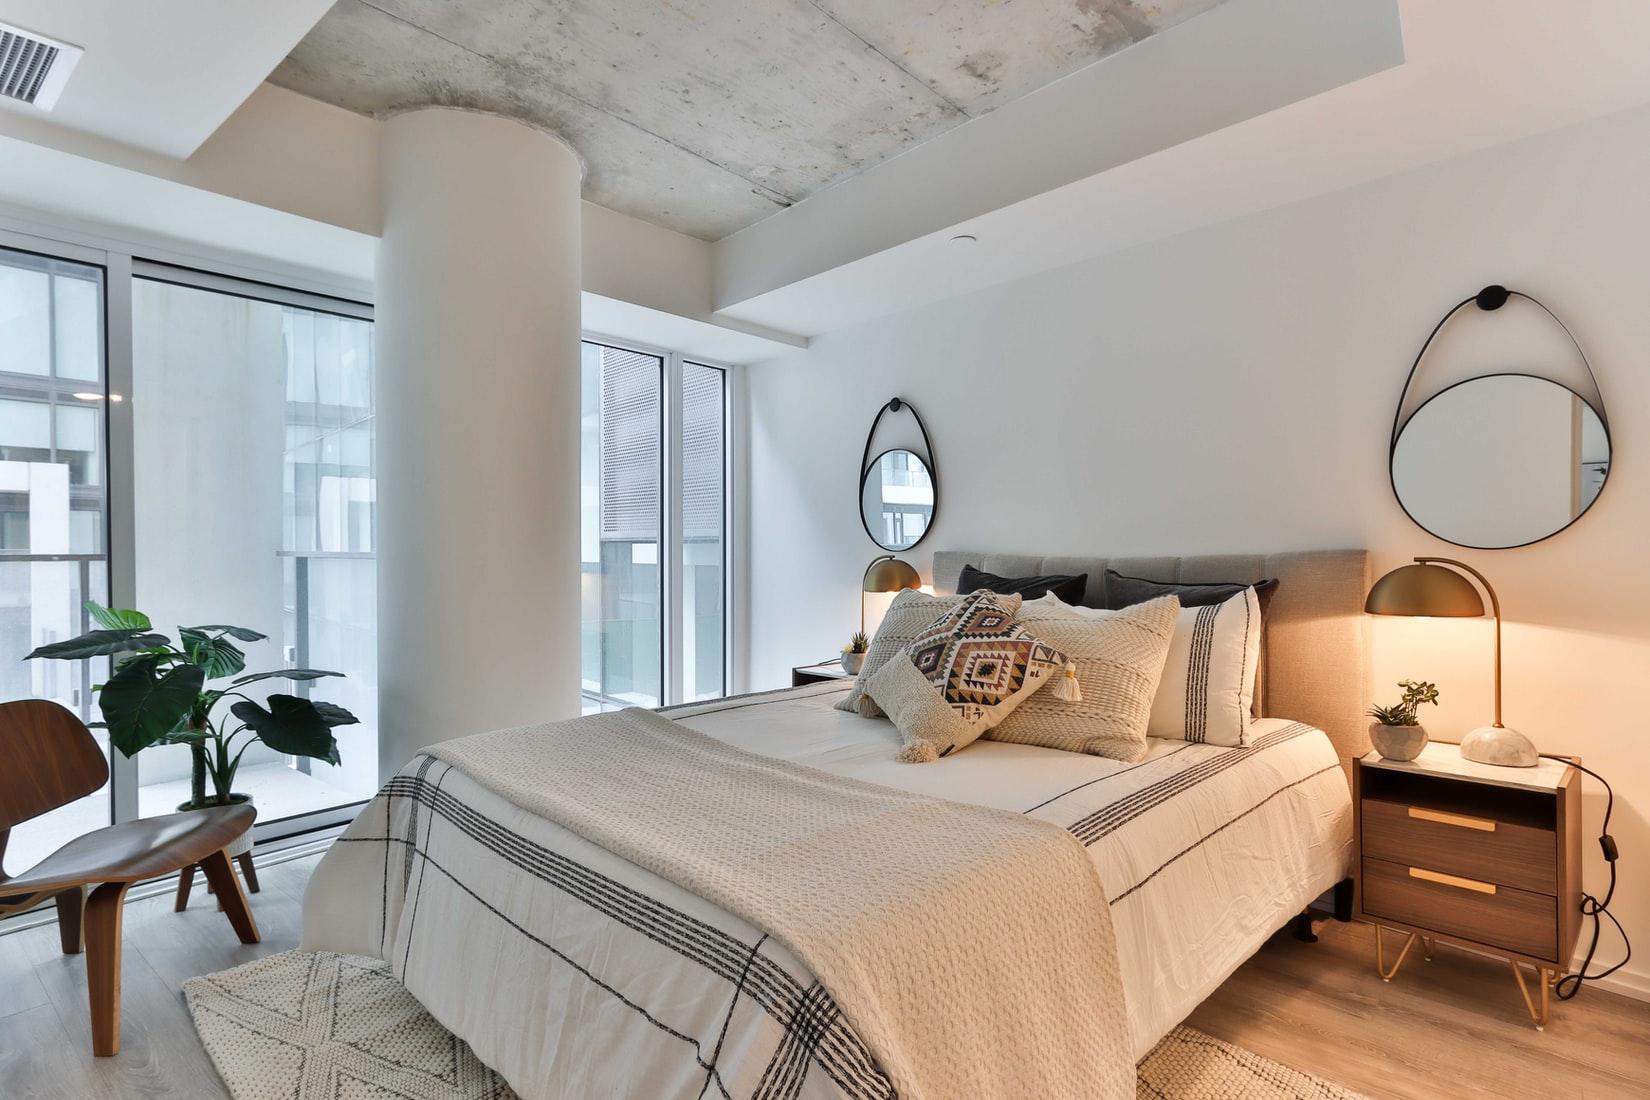 slaapkamer-betonnen-plafond